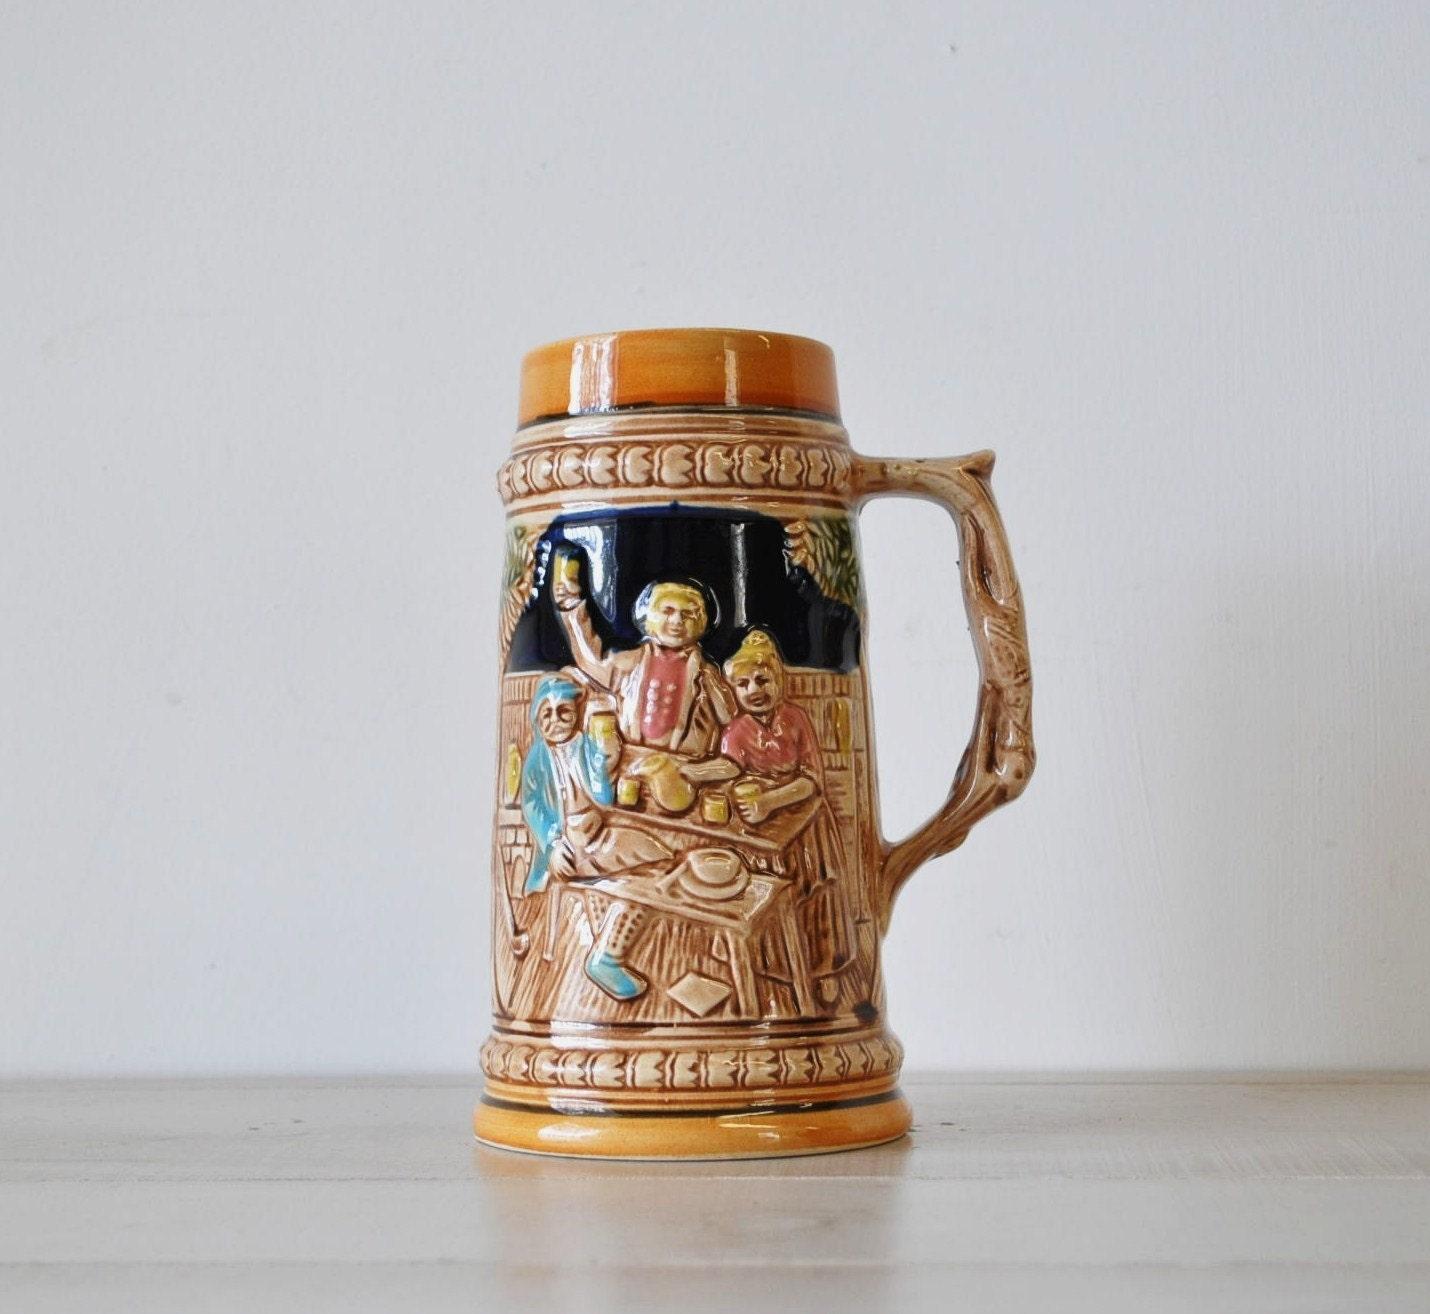 vintage antique german beer stein mug by myramelinda on etsy. Black Bedroom Furniture Sets. Home Design Ideas